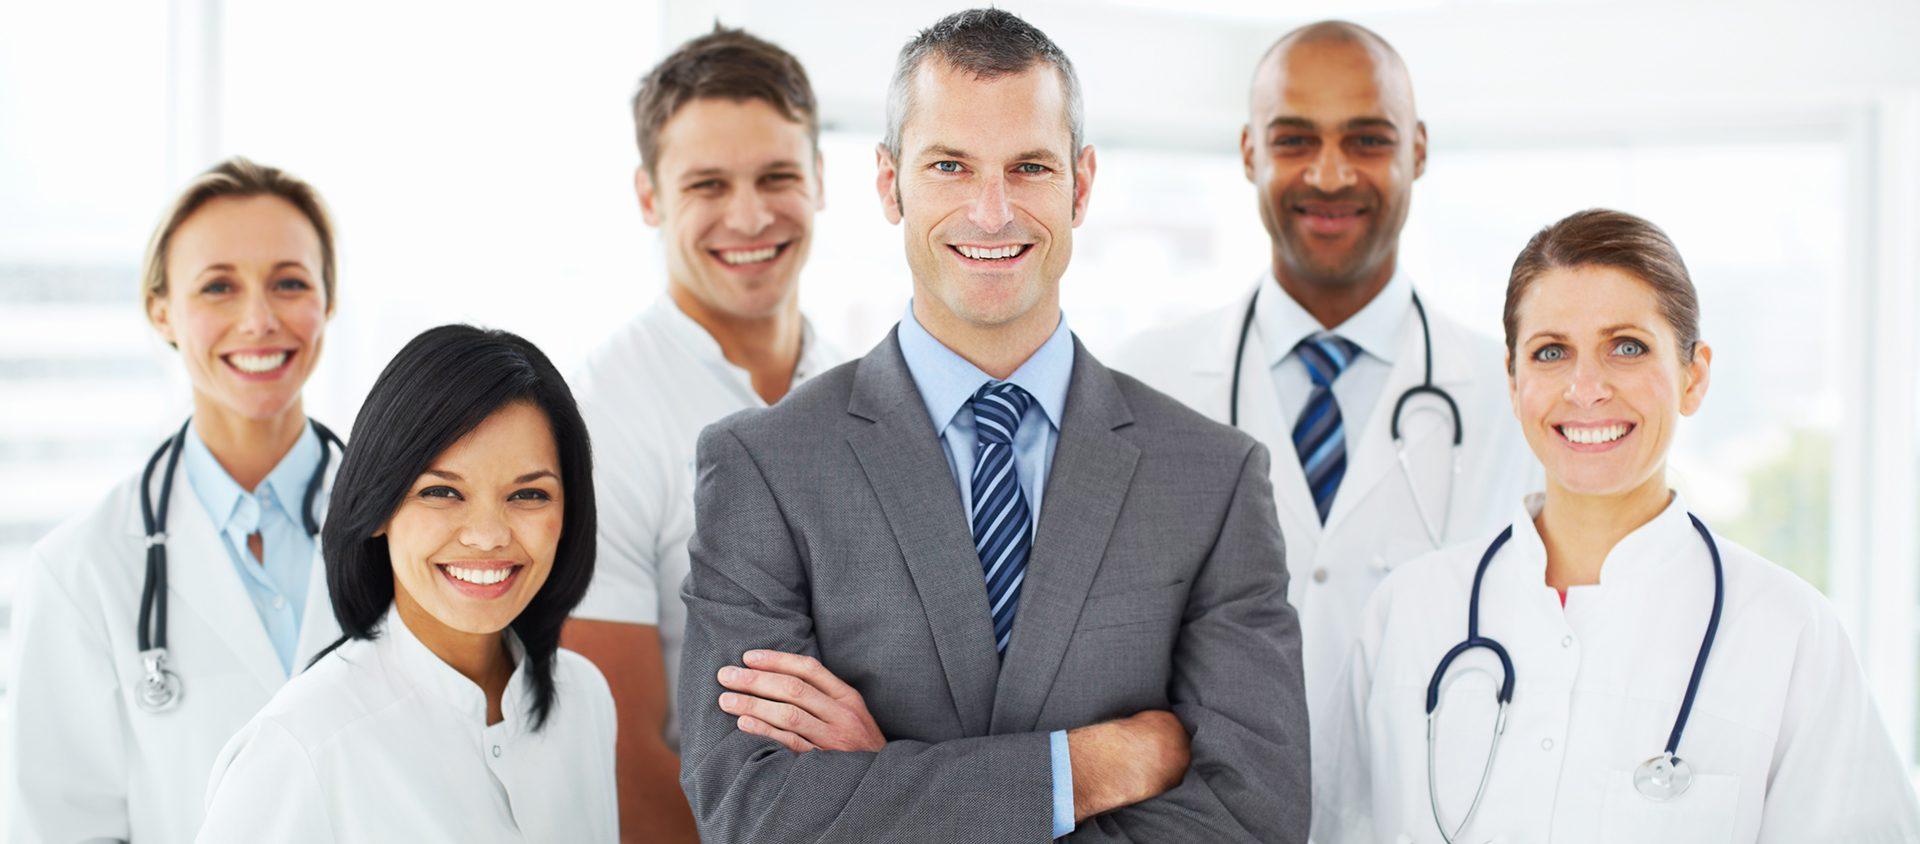 Cuidados de uma implantação do ponto de vista médico